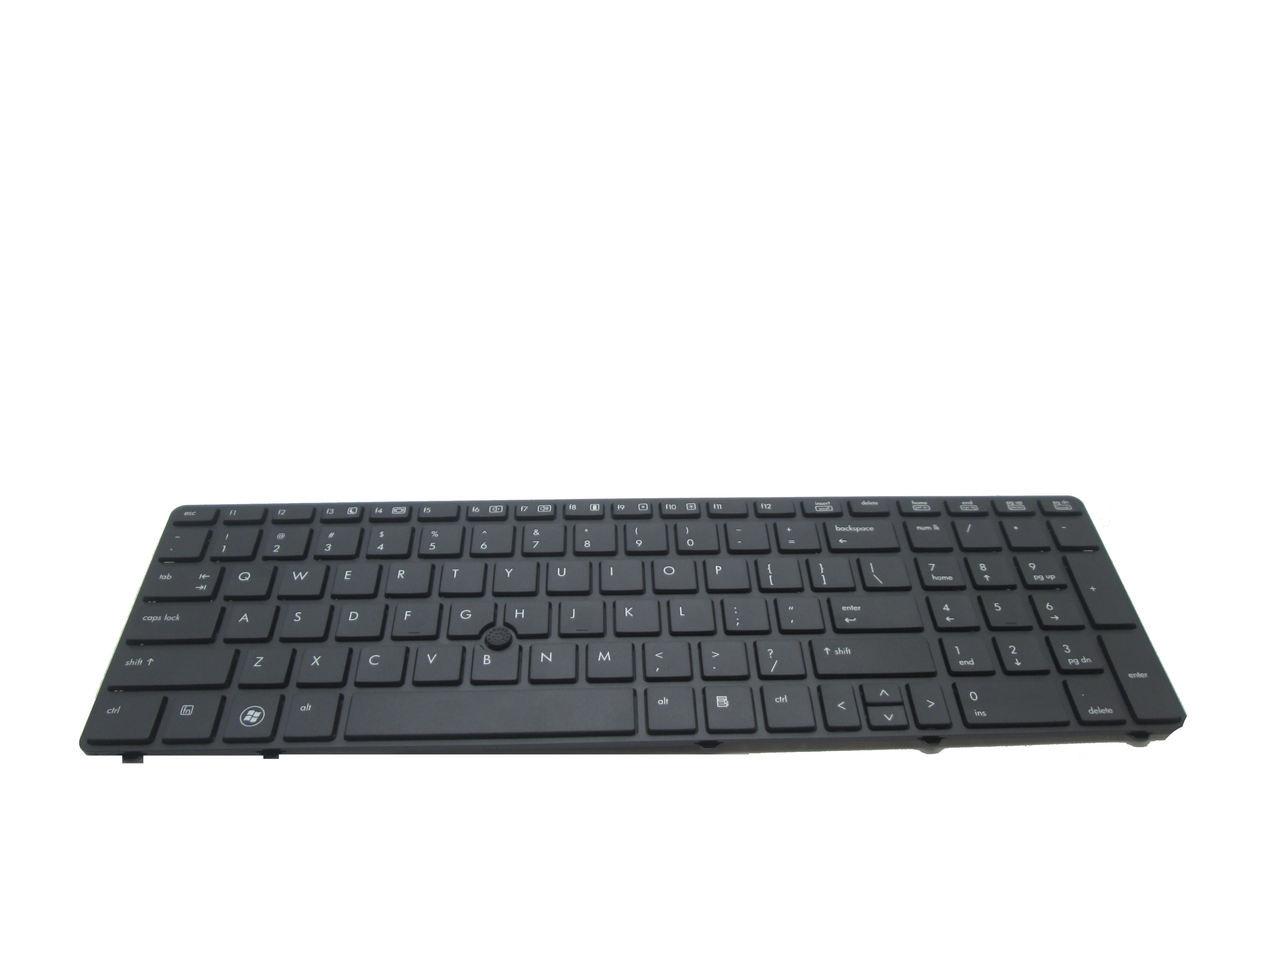 New Genuine HP Elitebook 8570p Keyboard 690401-001